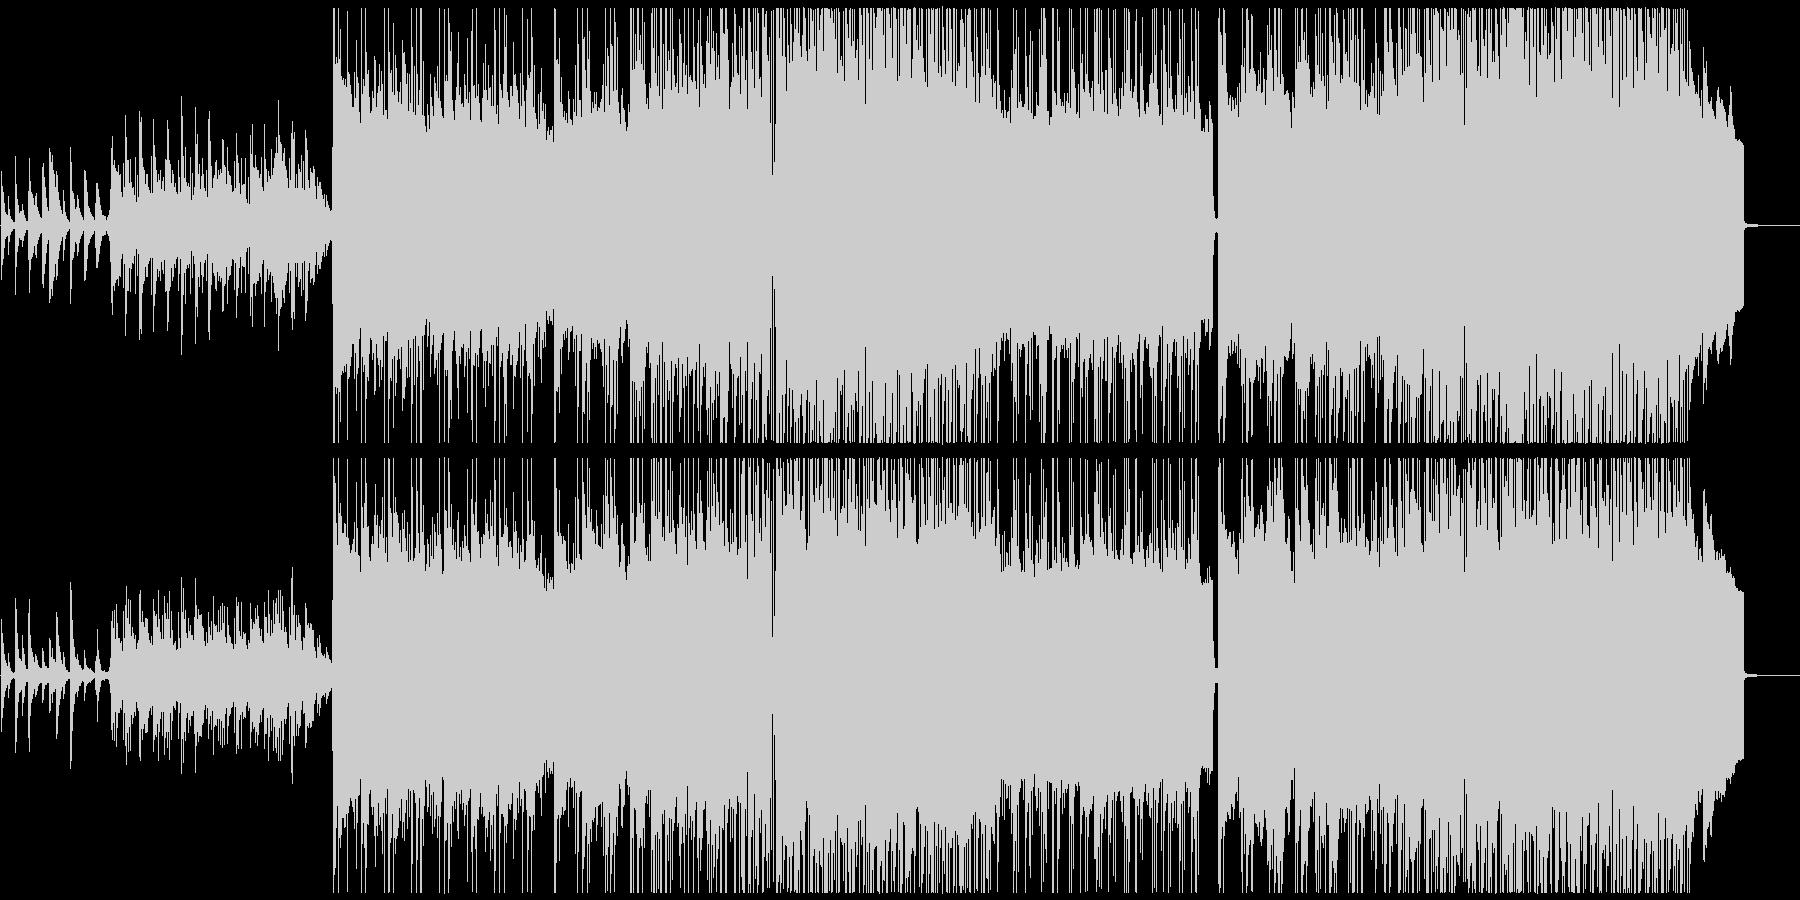 切なくきれいなピアノインスト曲の未再生の波形